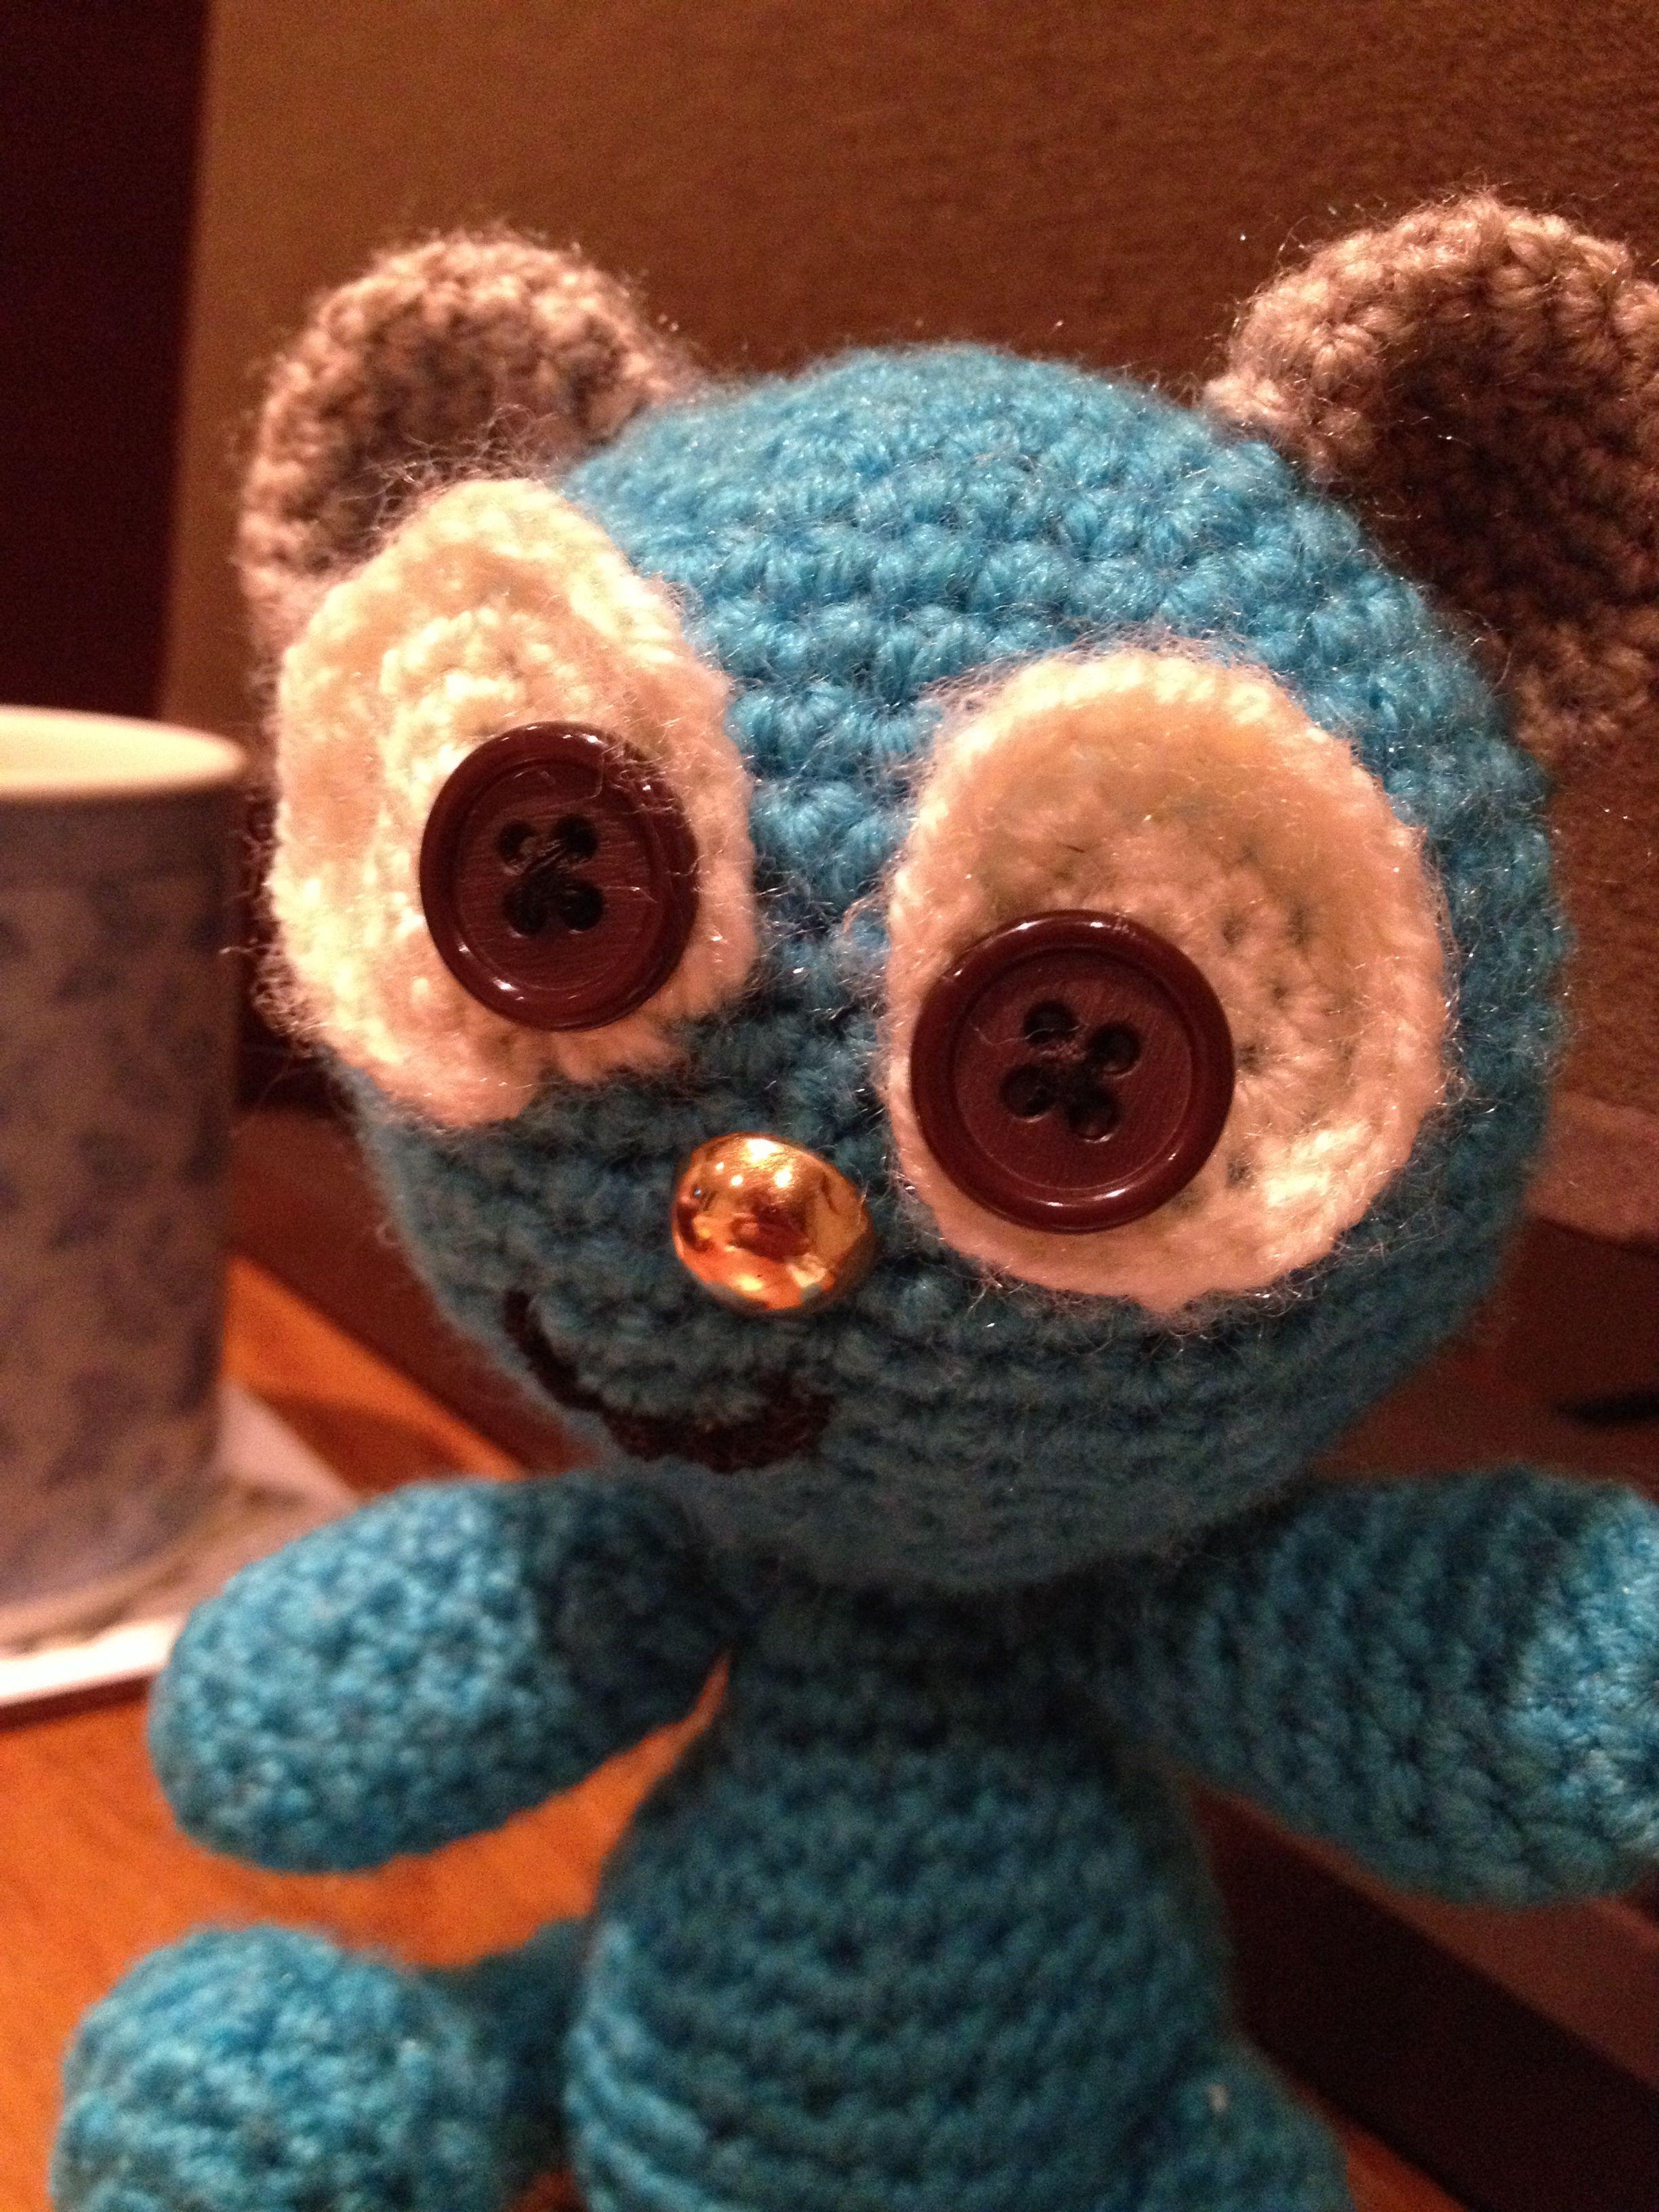 First teddy bear - around 2000 stitches!